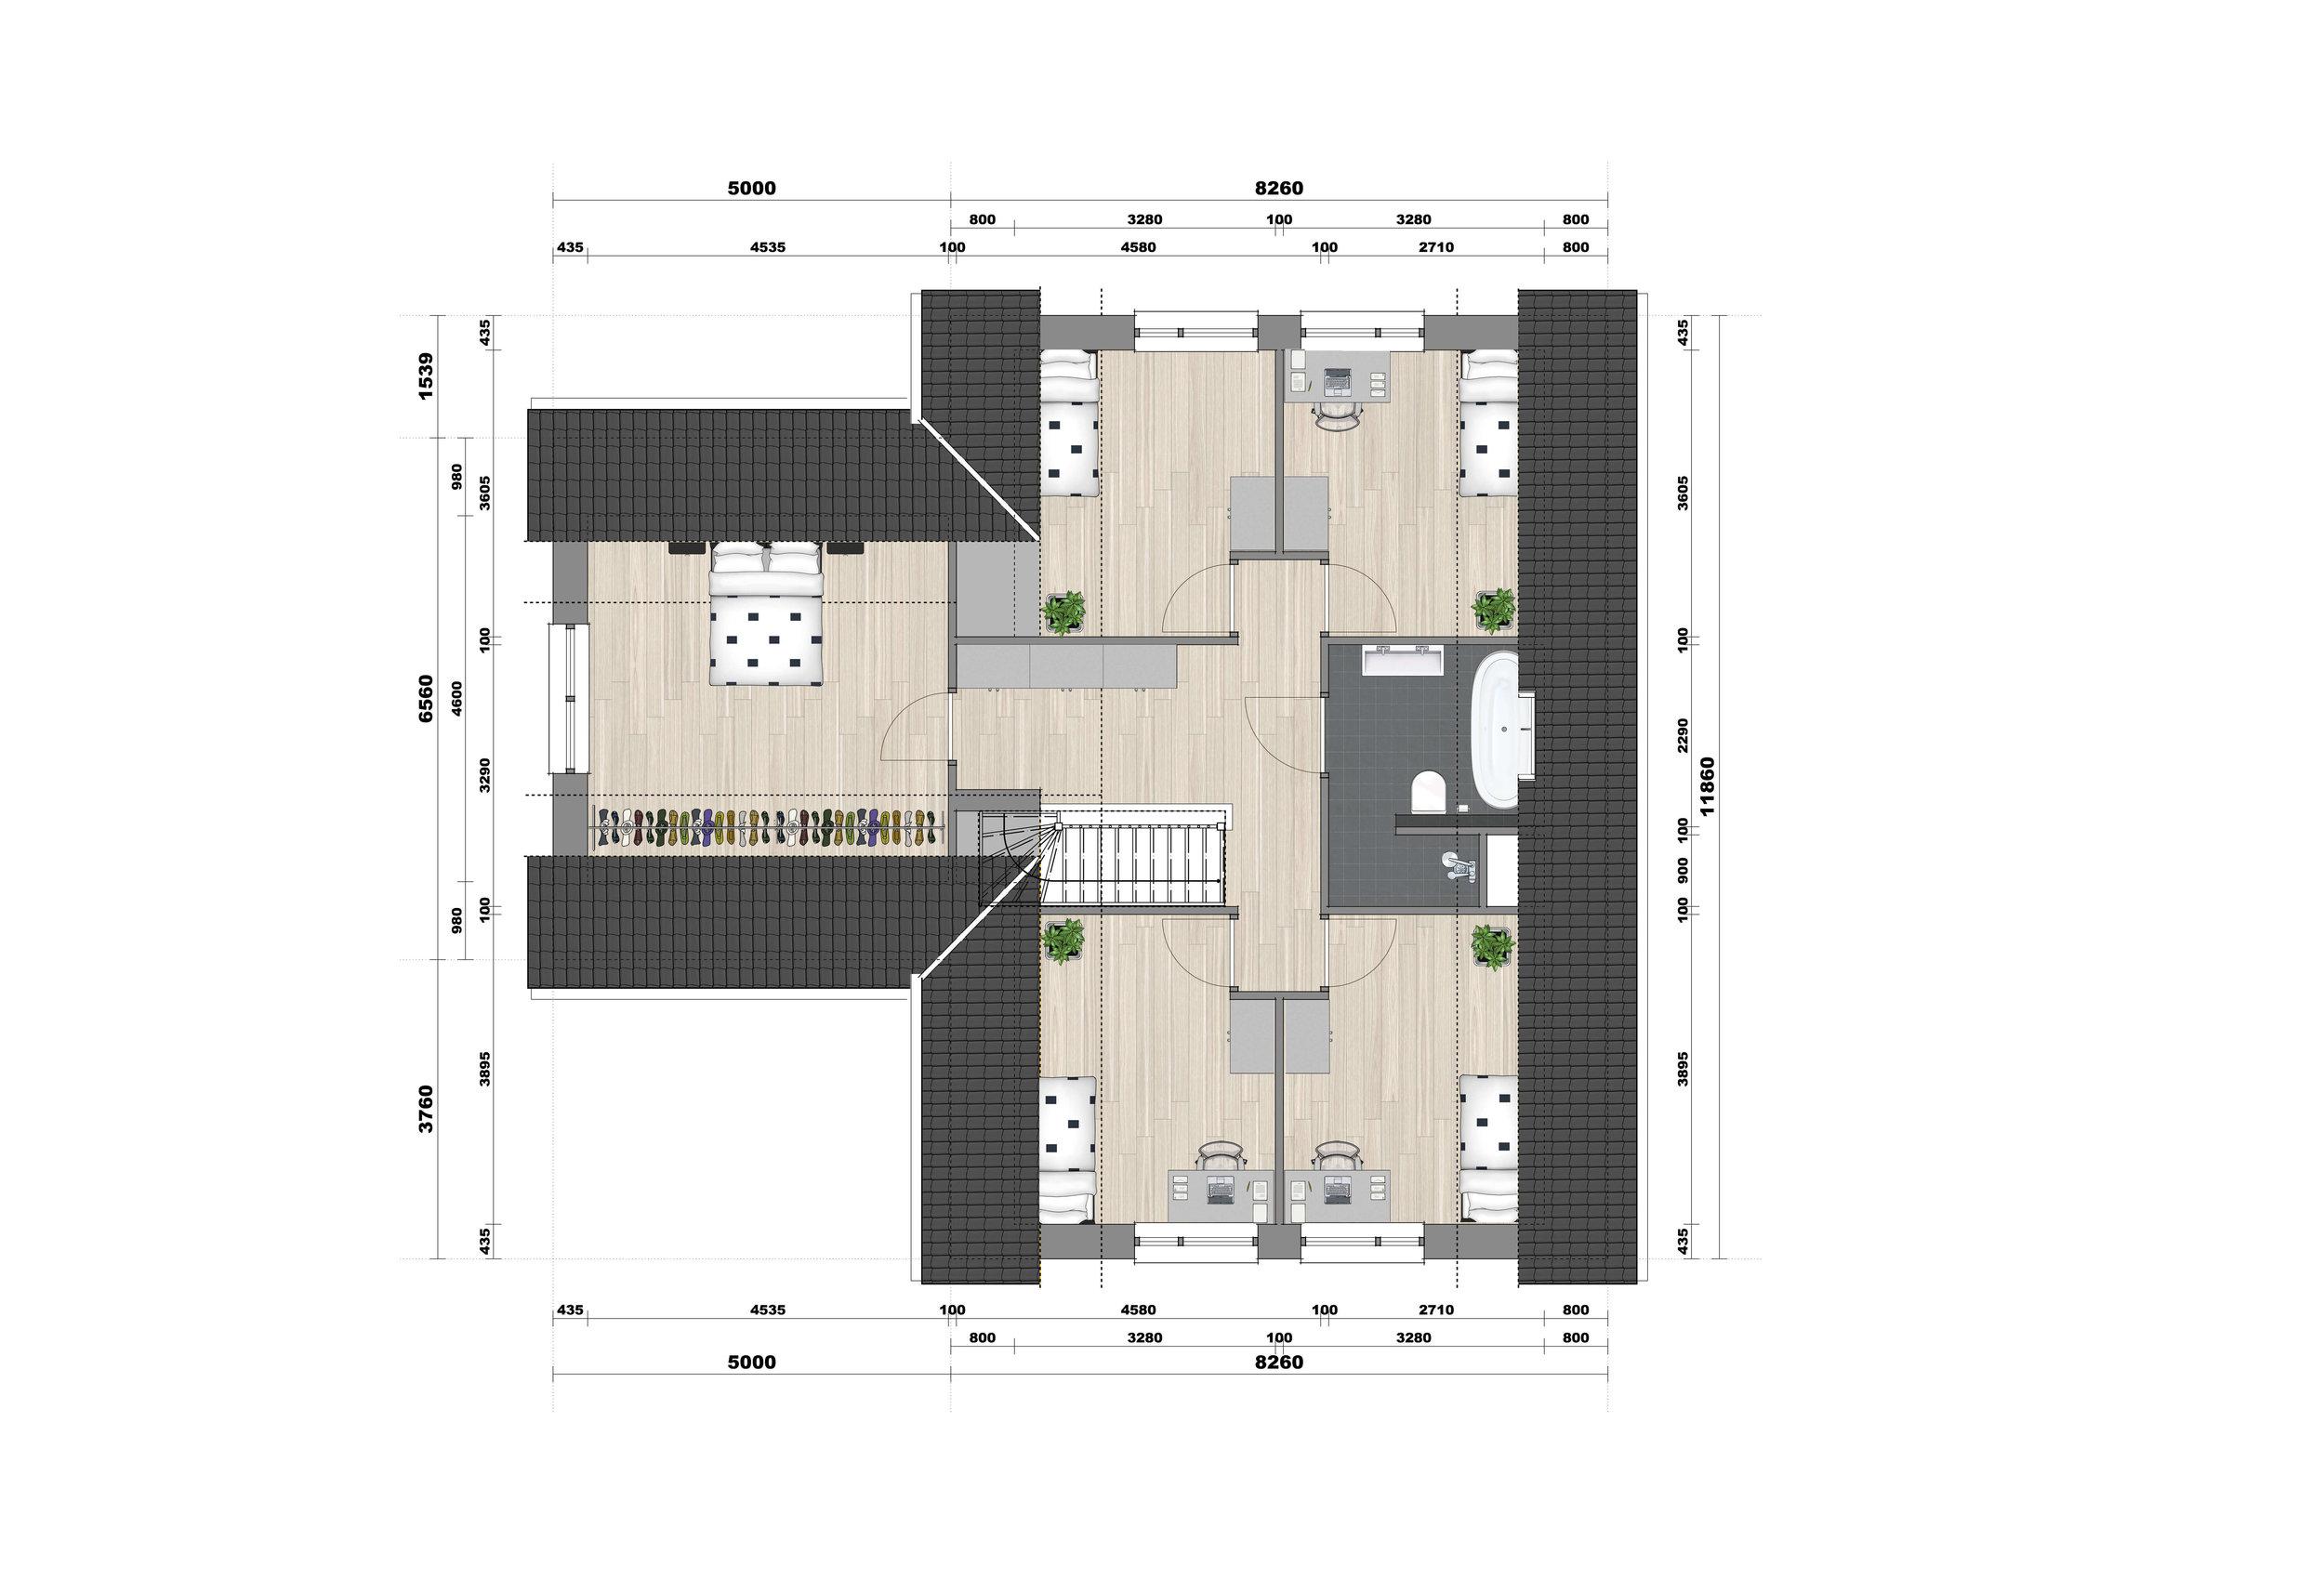 Verdieping Groenlo.jpg